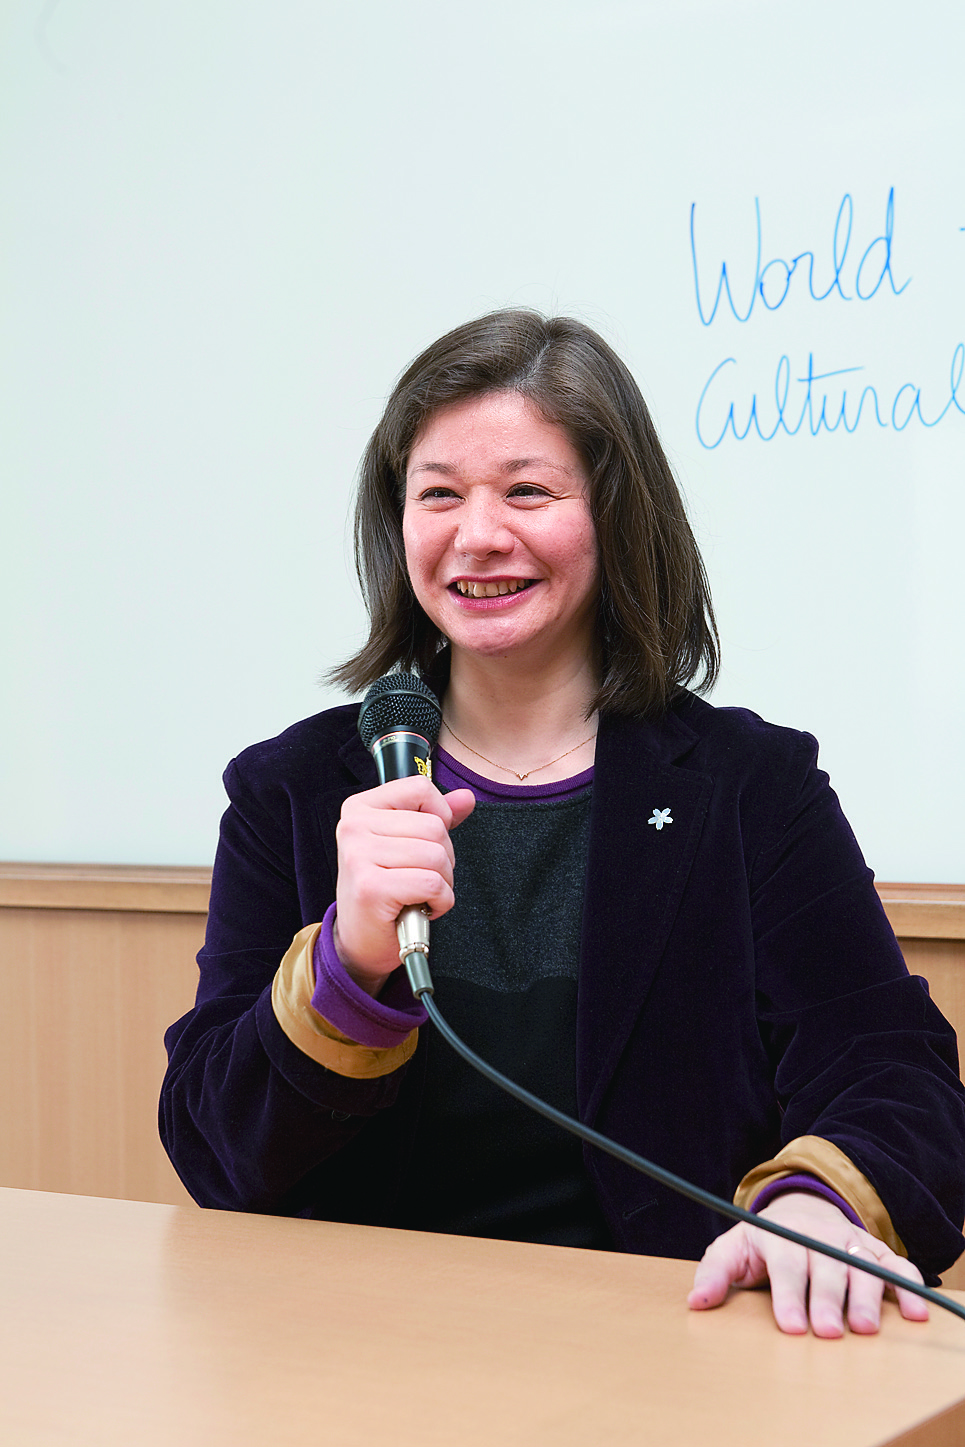 学習院生涯学習センターが9月24日に特別講座「世界遺産の核に迫る -- その意義と目的とは? -- 」を開催